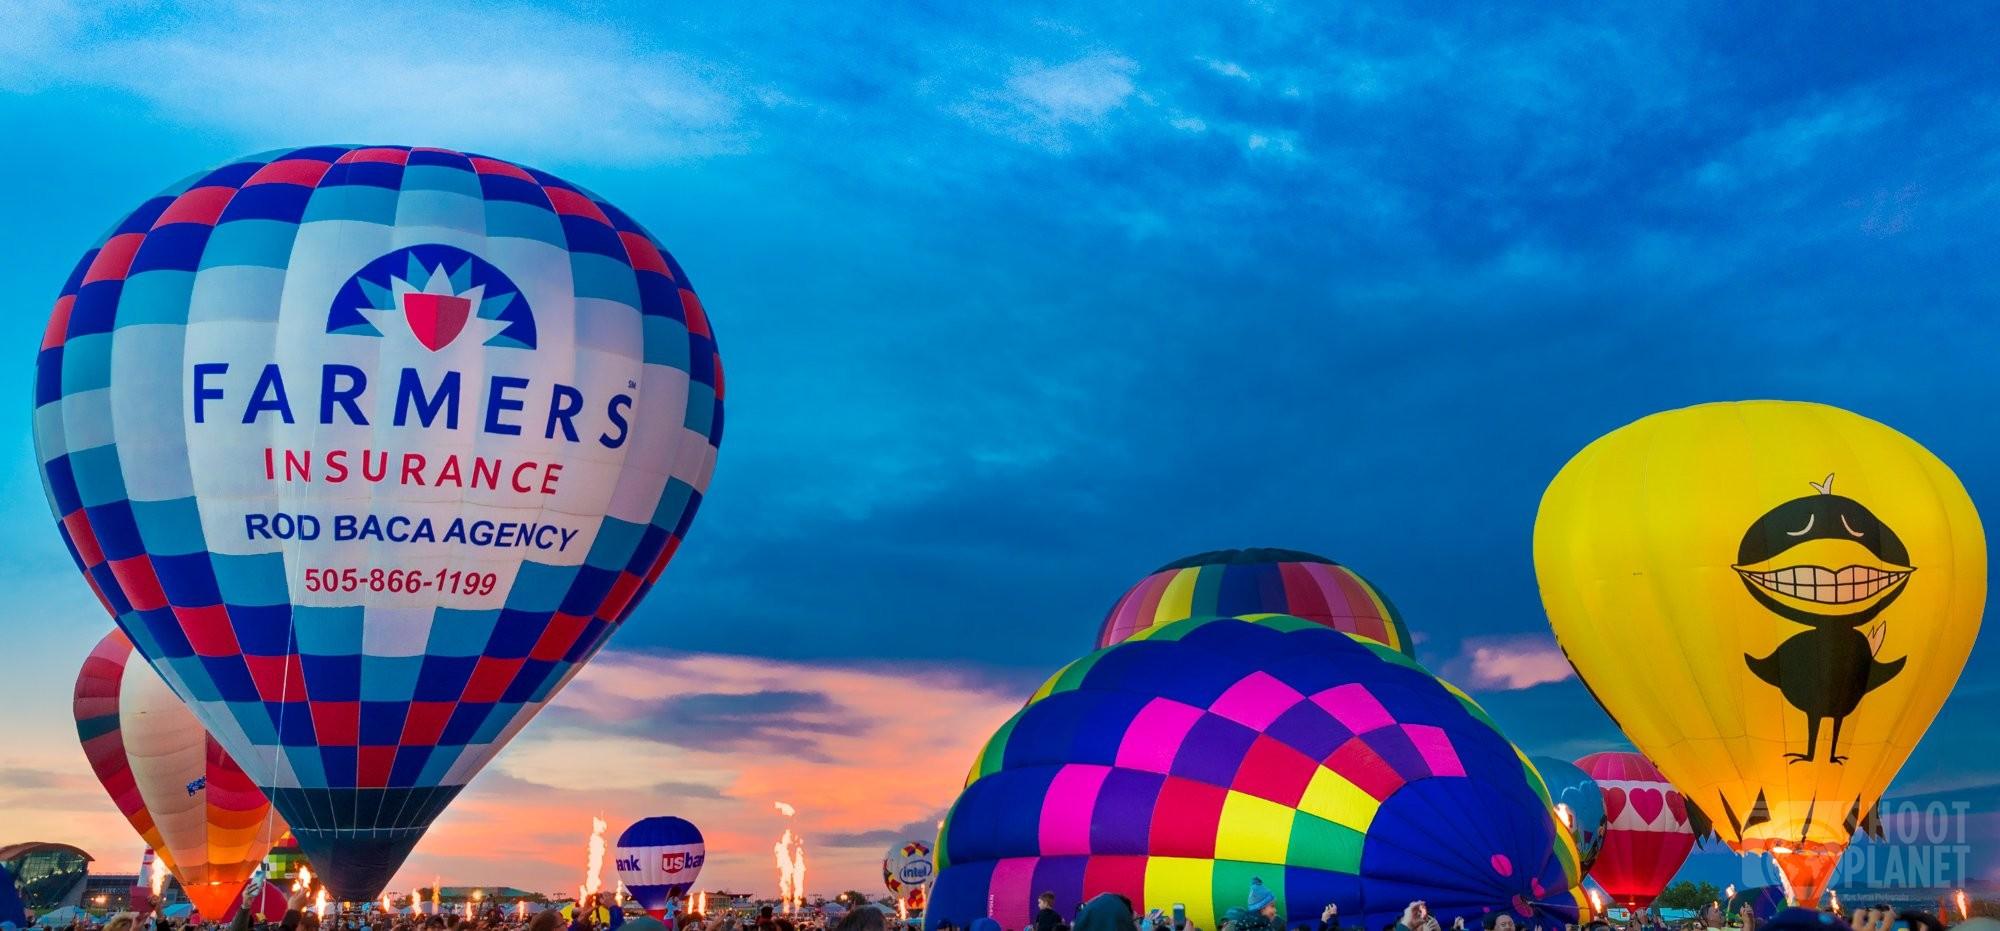 Albuquerque Balloon Fiesta sunrise, USA